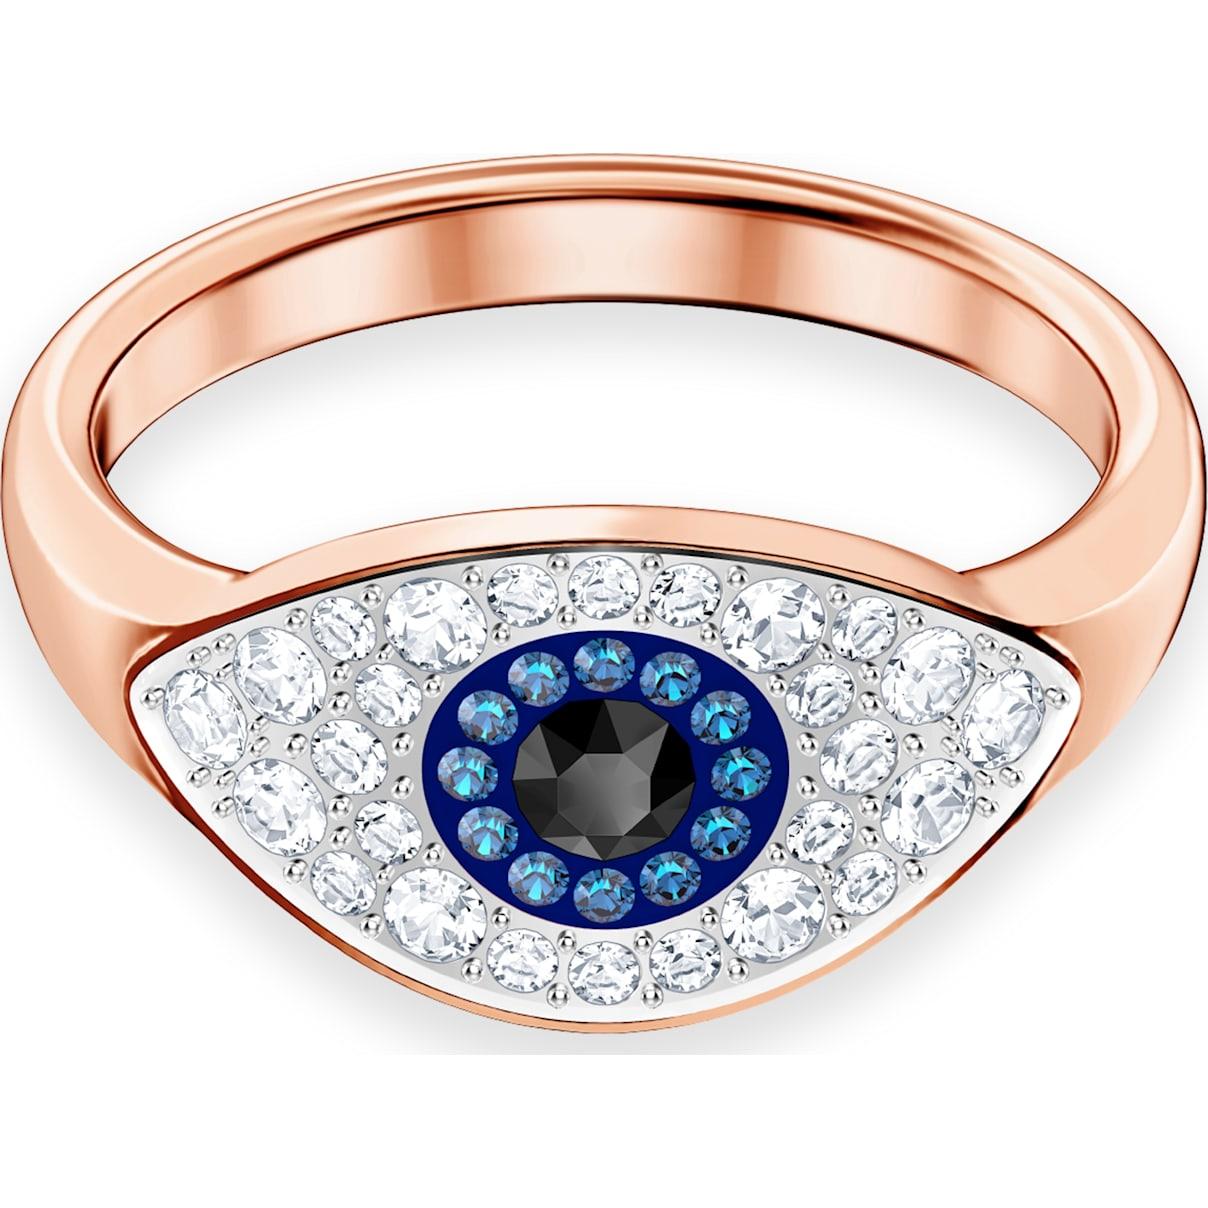 Swarovski Swarovski Symbolic Evil Eye Ring, Multi-colored, Rose-gold tone plated